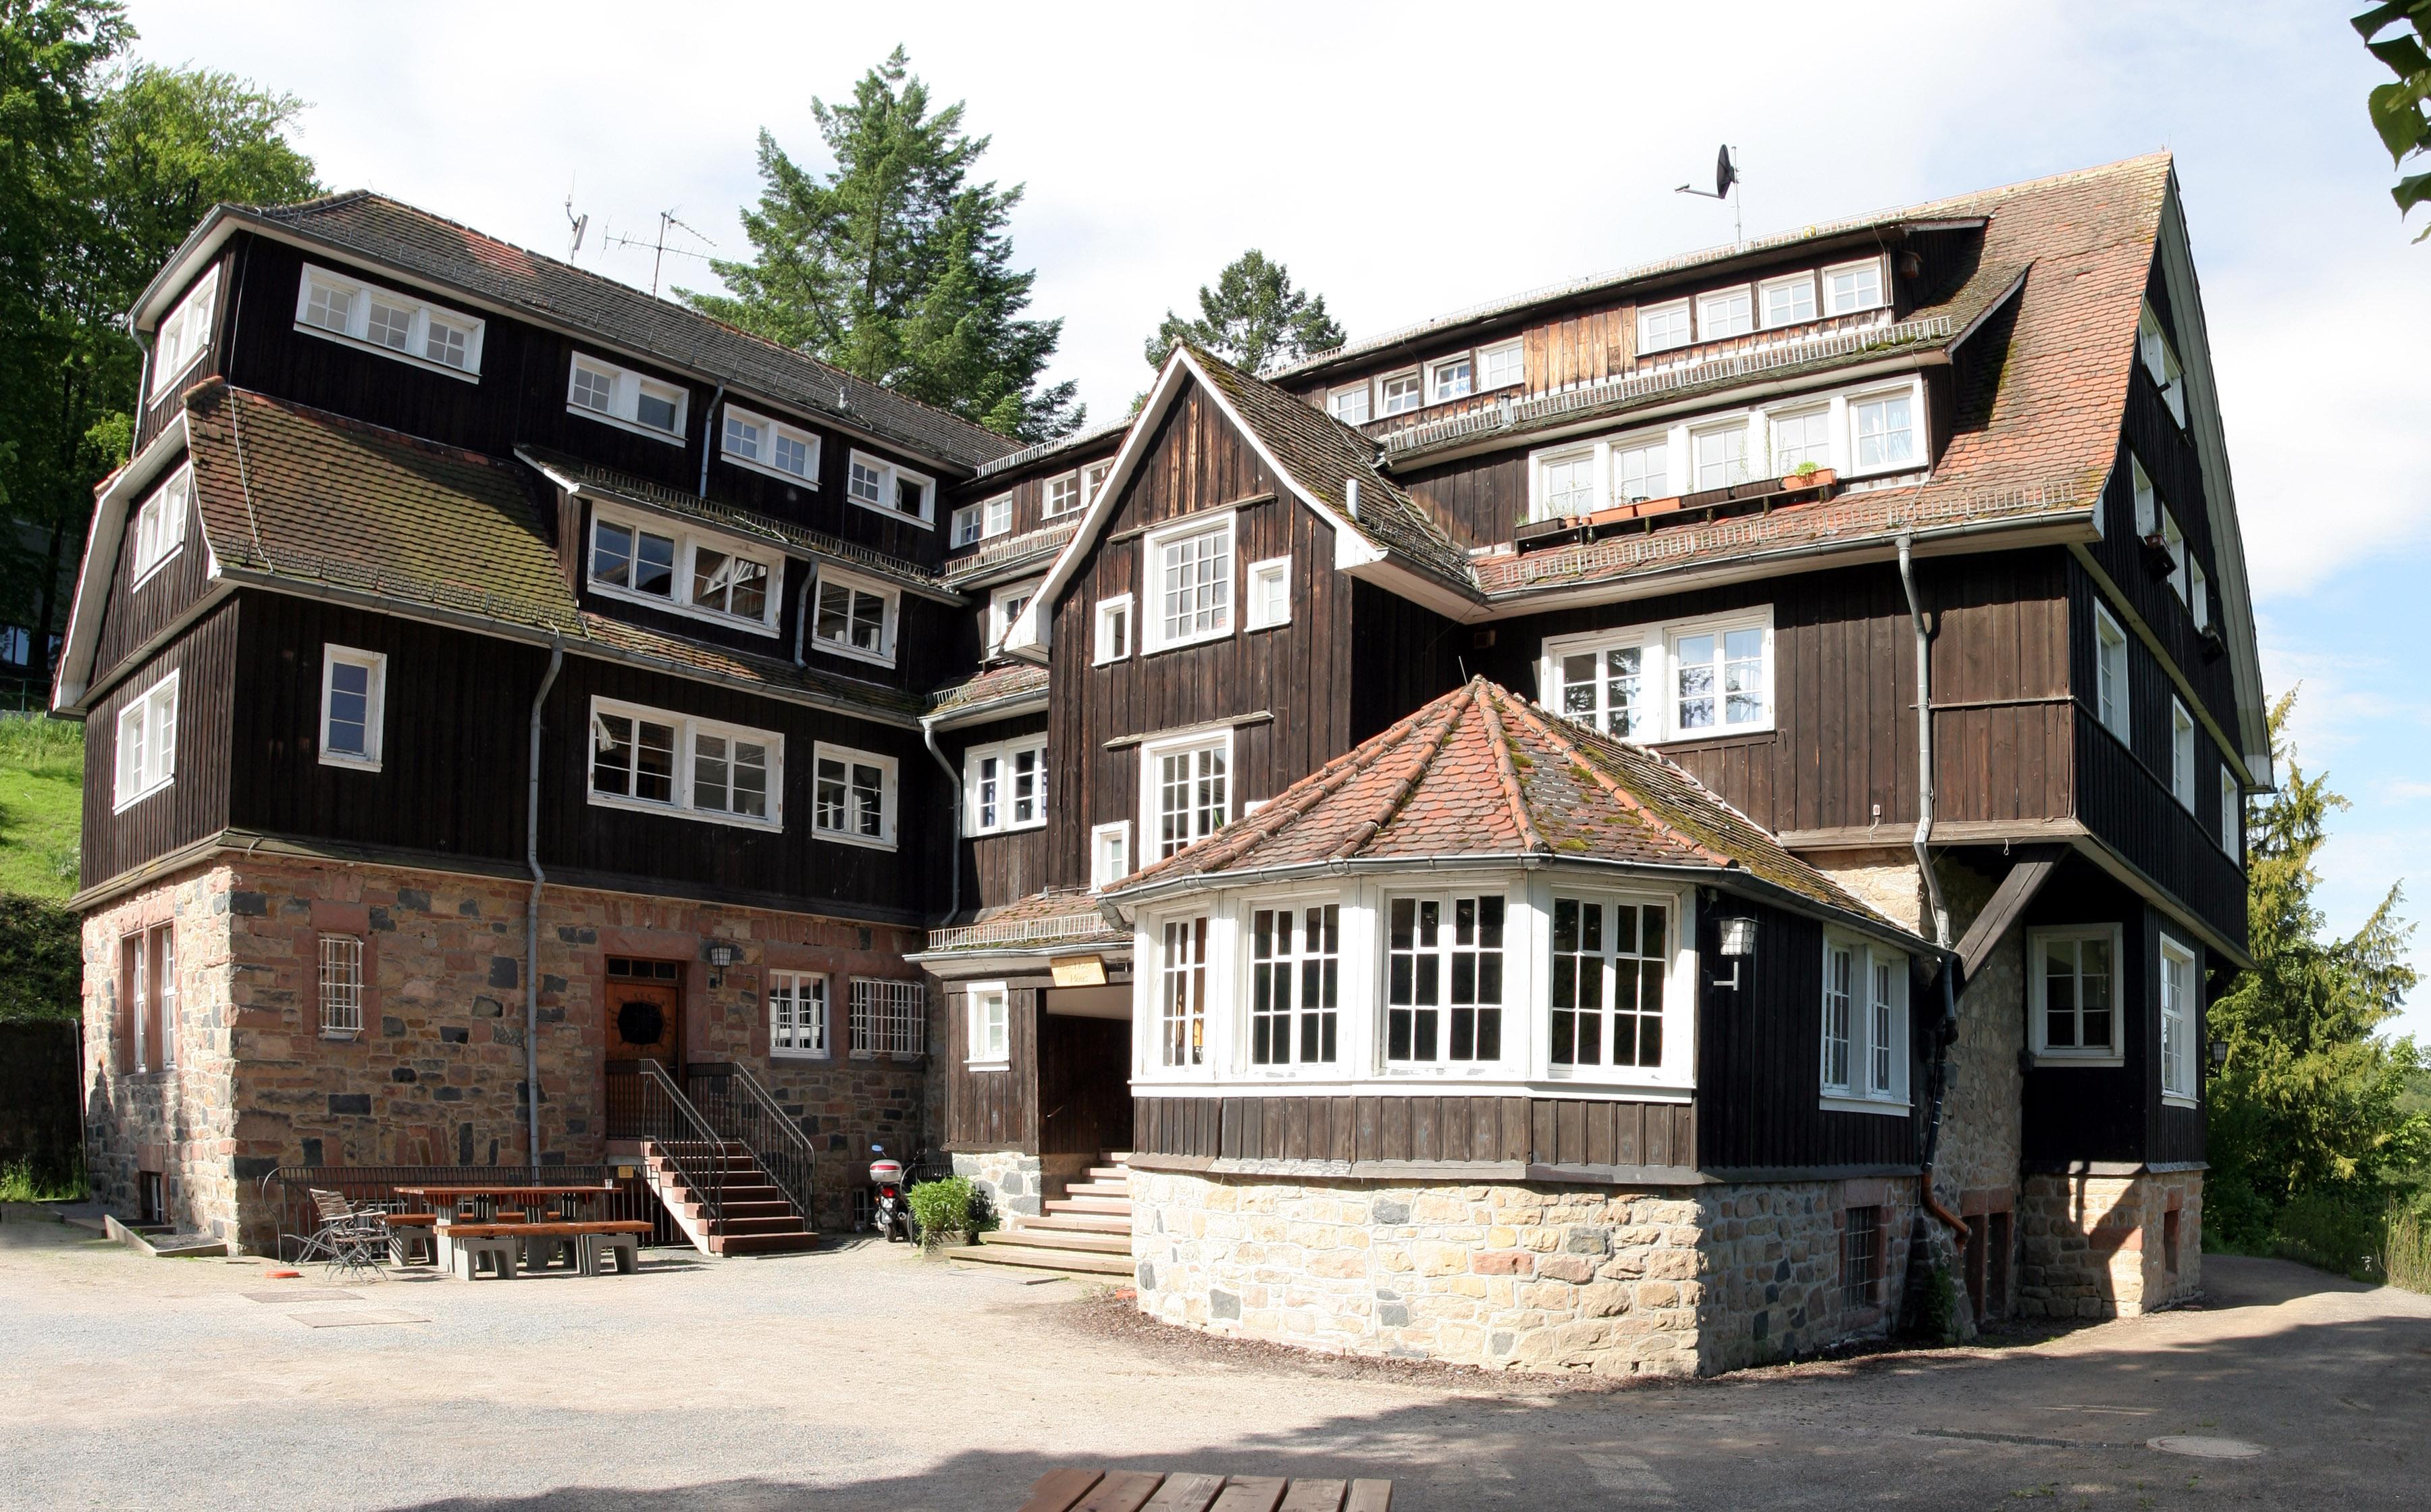 File:Odenwaldschule Goethehaus 01.jpg - Wikimedia Commons: commons.wikimedia.org/wiki/file:odenwaldschule_goethehaus_01.jpg